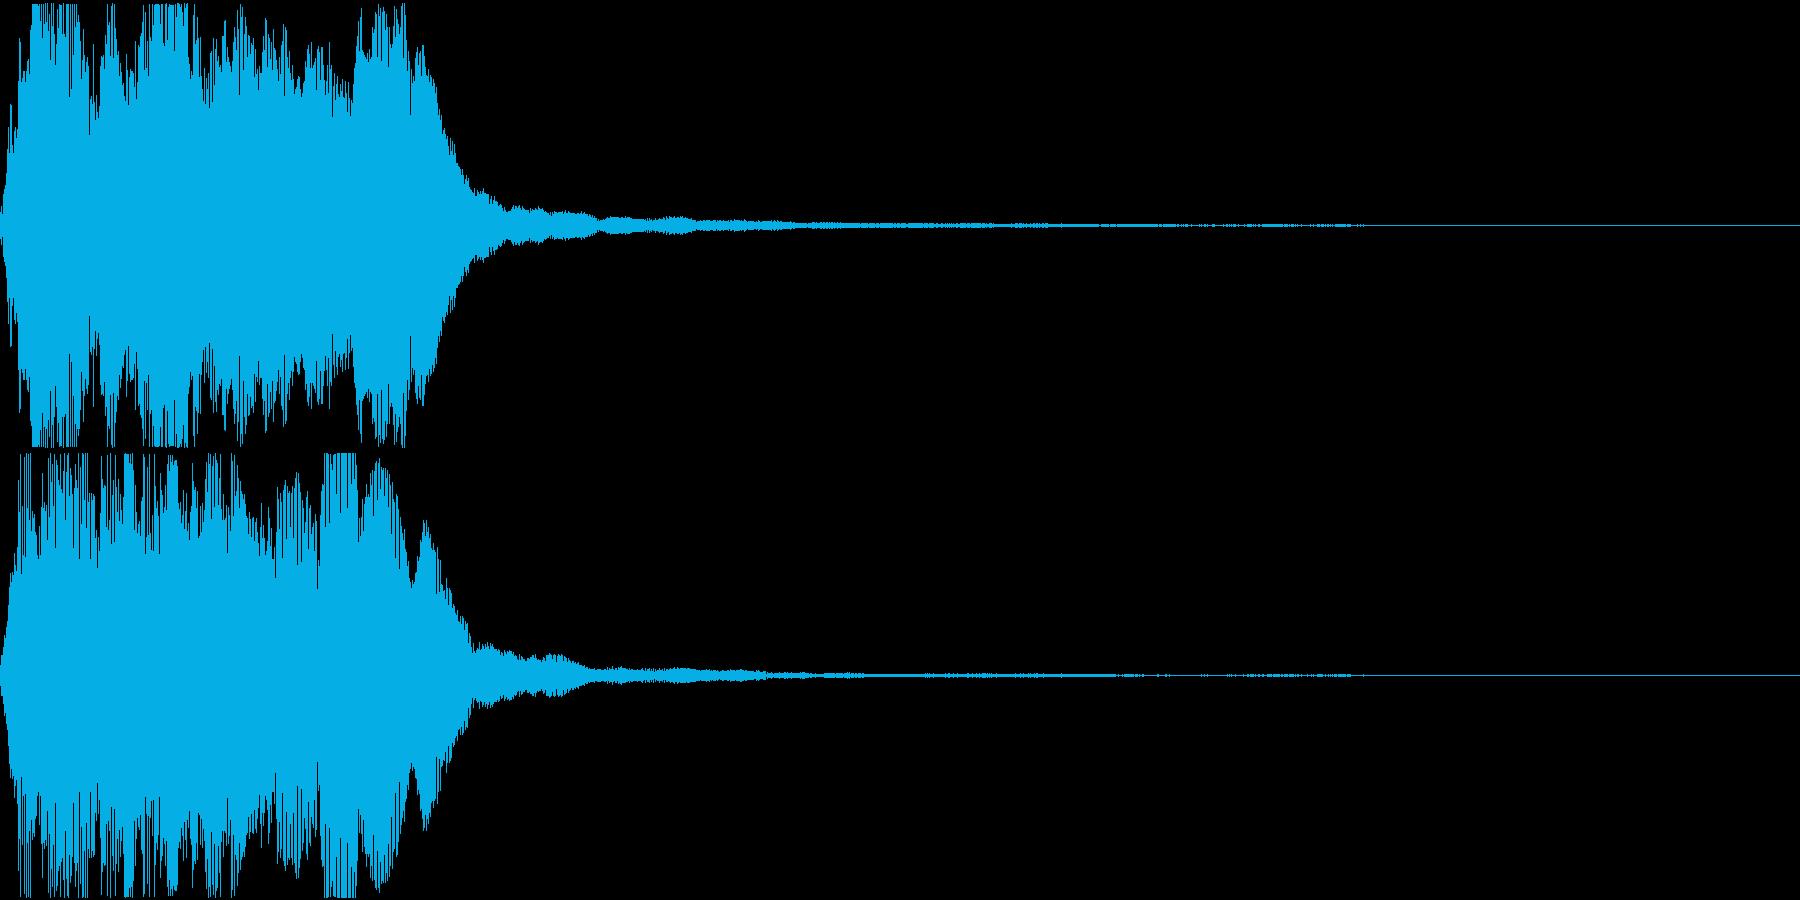 ラッパ ファンファーレ 定番 2の再生済みの波形